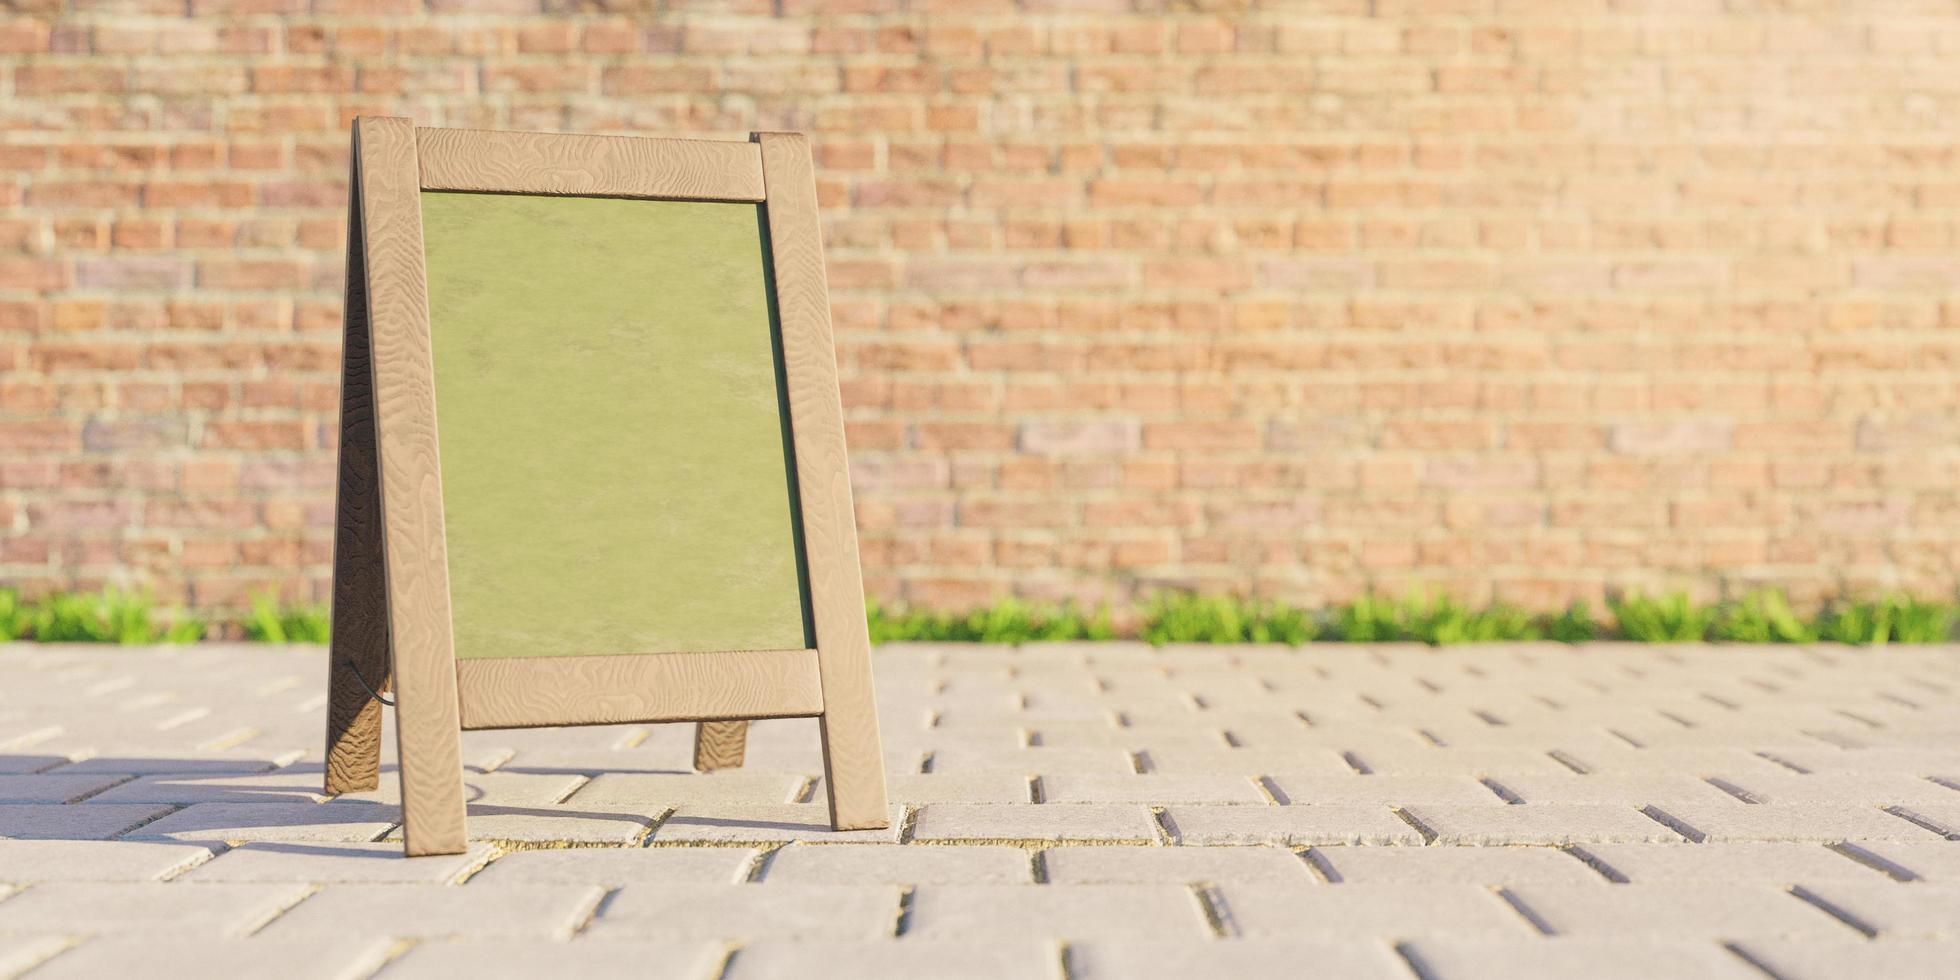 maqueta del tablero del menú del restaurante en la calle foto